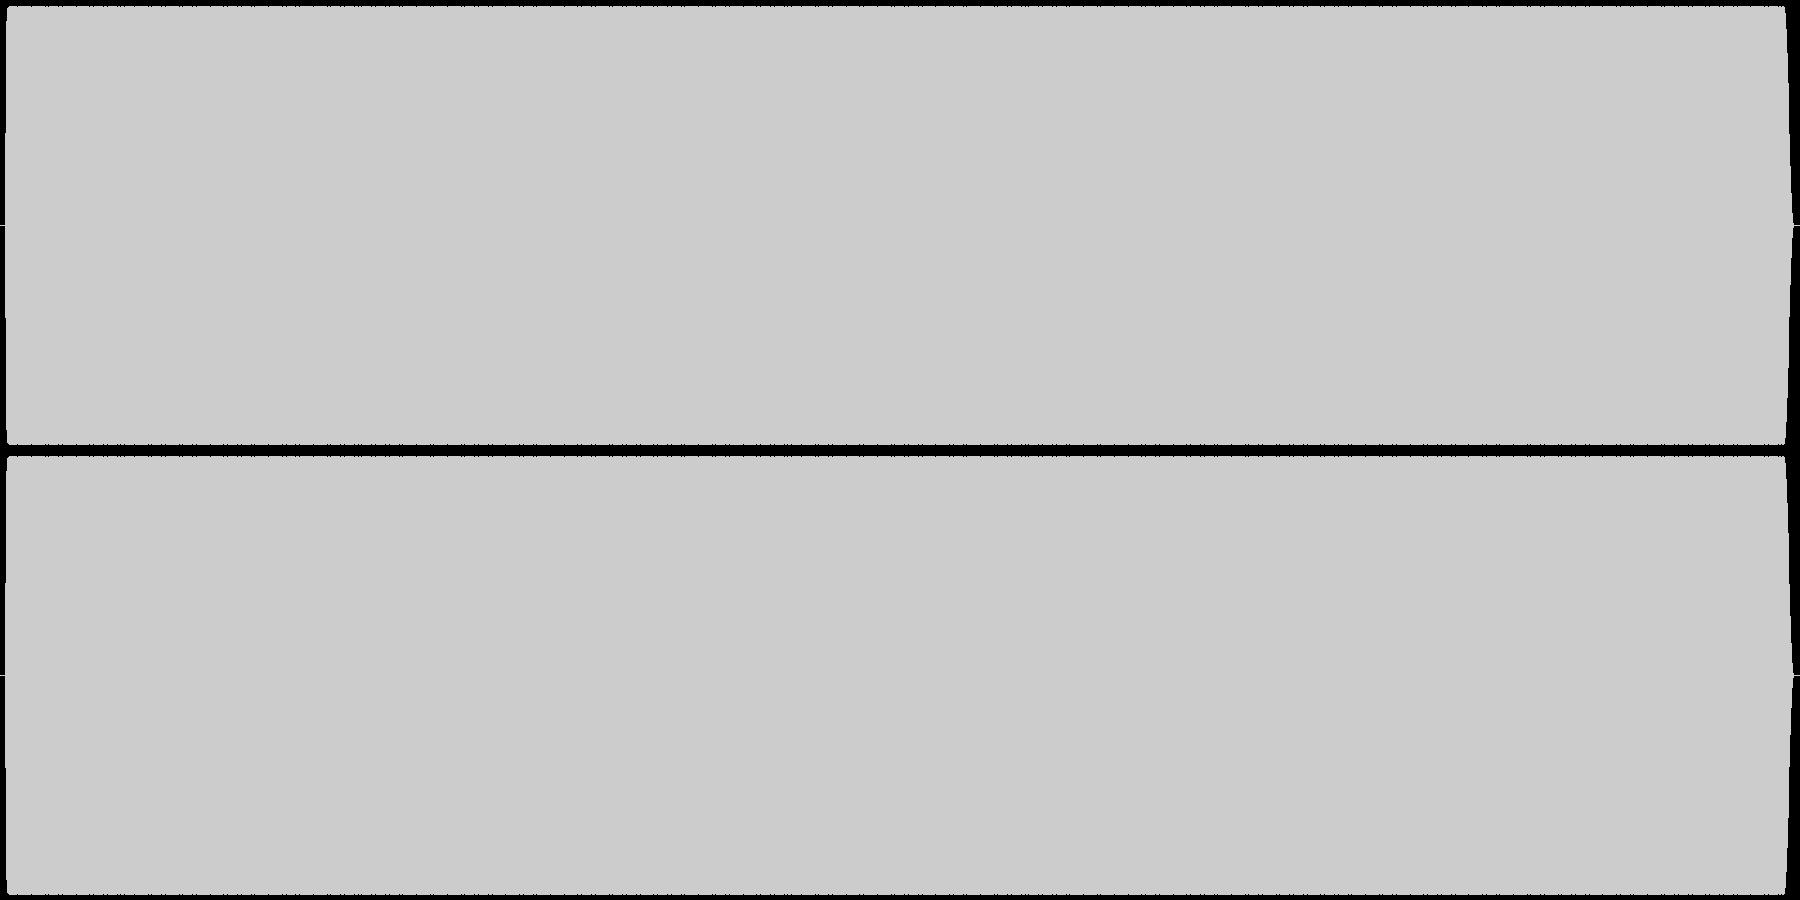 ピー音 自主規制音 (約2秒)の未再生の波形